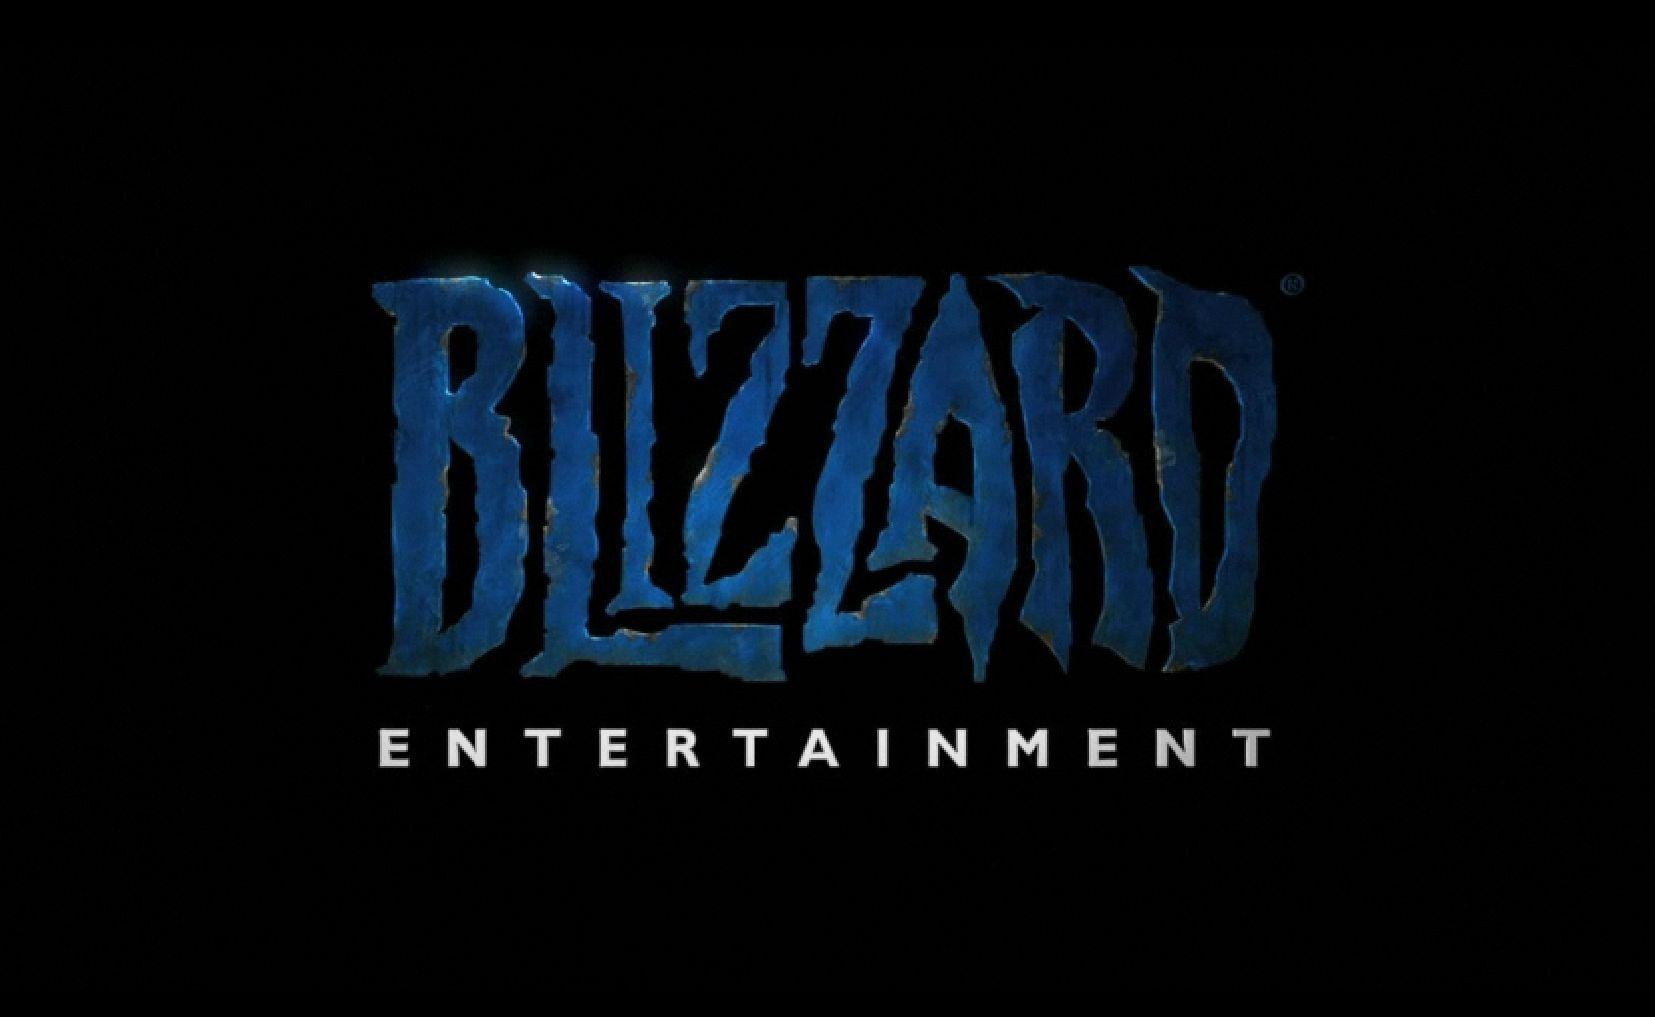 Blizzard Entertainment Gibt seine Plne fr die Gamescom 2012 1655x1017